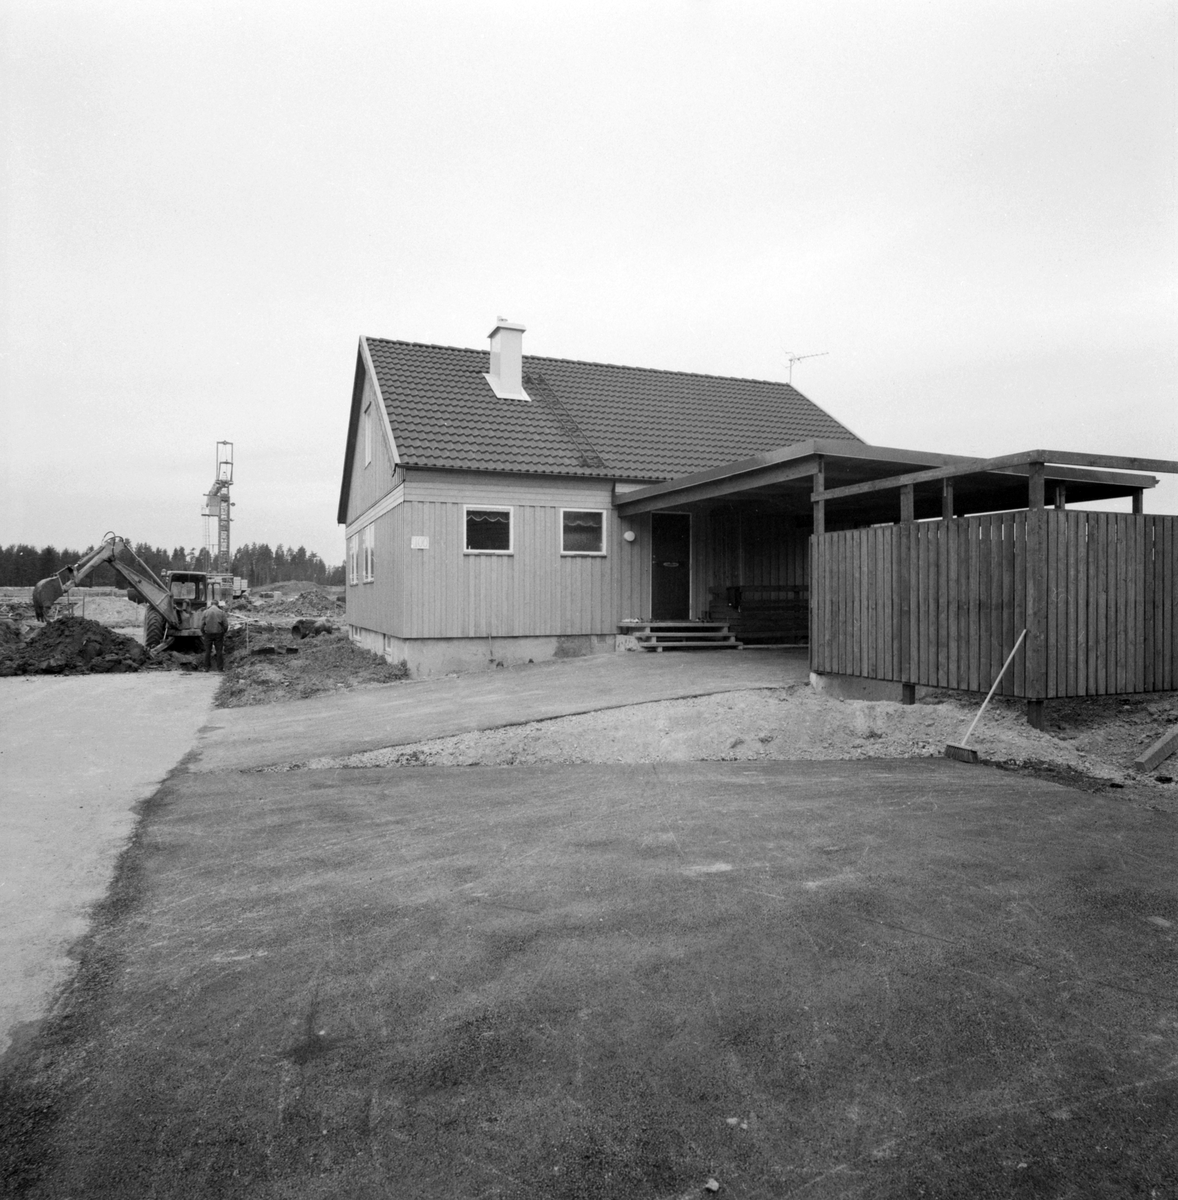 """År 1971 stod de första så kallade KB-villorna klara för inflyttning i Linköping. Bakom husens benämning stod firma KB-bygg som grundats 1964 av byggmästarna Lars Kvissberg och Carl-Owe Bäckström. I slutet av 1960-talet hade de bägge herrarna vunnit anbudstävlingen kring att uppföra 261 villor i stadsdelen Ryd. Den speciella KB-villan togs fram och konstruerades med fribärade takstolar och avsaknad av bärande väggar i såväl botten- som övervåningen. Det möjliggjorde en unik flexibilitet av varje villas planlösningen vilket gav köparna stora möjligheter att påverka rumsindelningen. KB-villan gjorde stort intryck på bomässan i Norrköping 1971 och året därpå utsåg tidningen Allt i Hemmet KB-villan till """"Årets hus"""". En succé var född. Om vi hyser tilltro för det provisoriska numret på husgaveln visar bilden villan på adressen Heidenstams gata 100."""